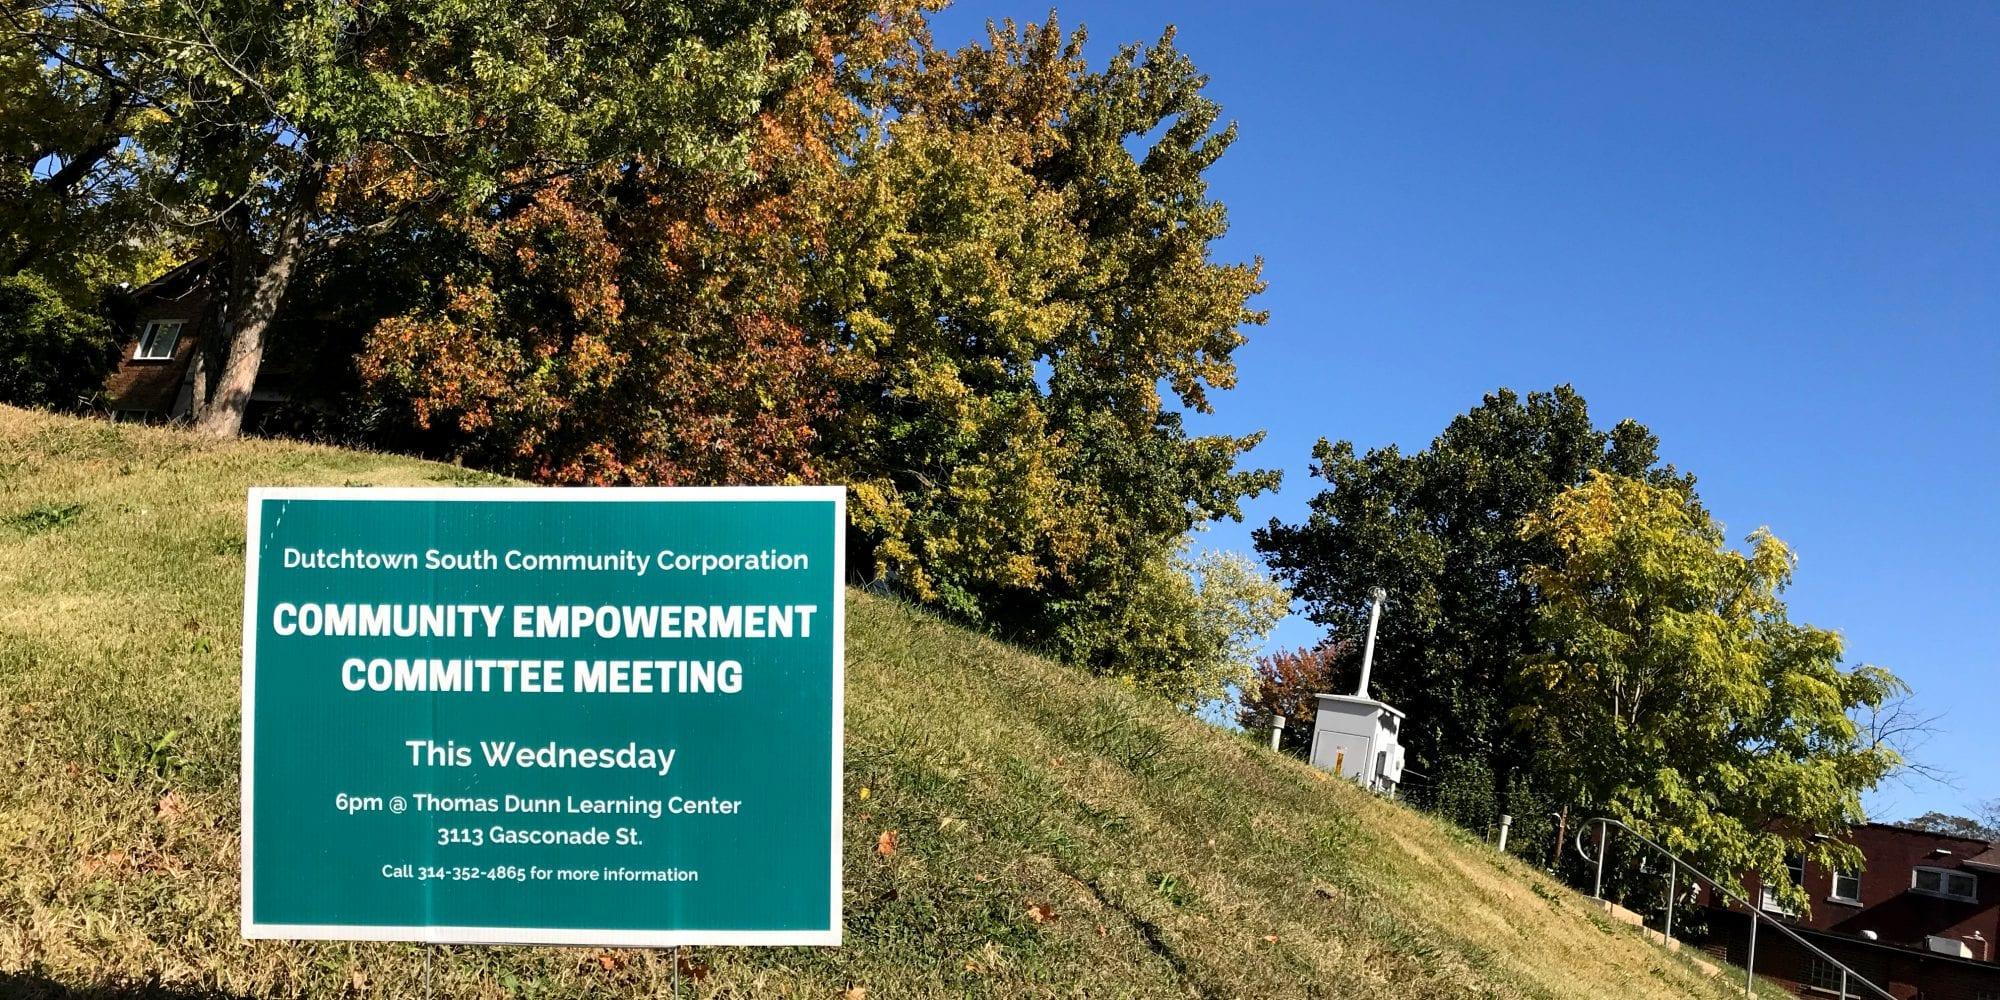 DSCC Community Empowerment Committee